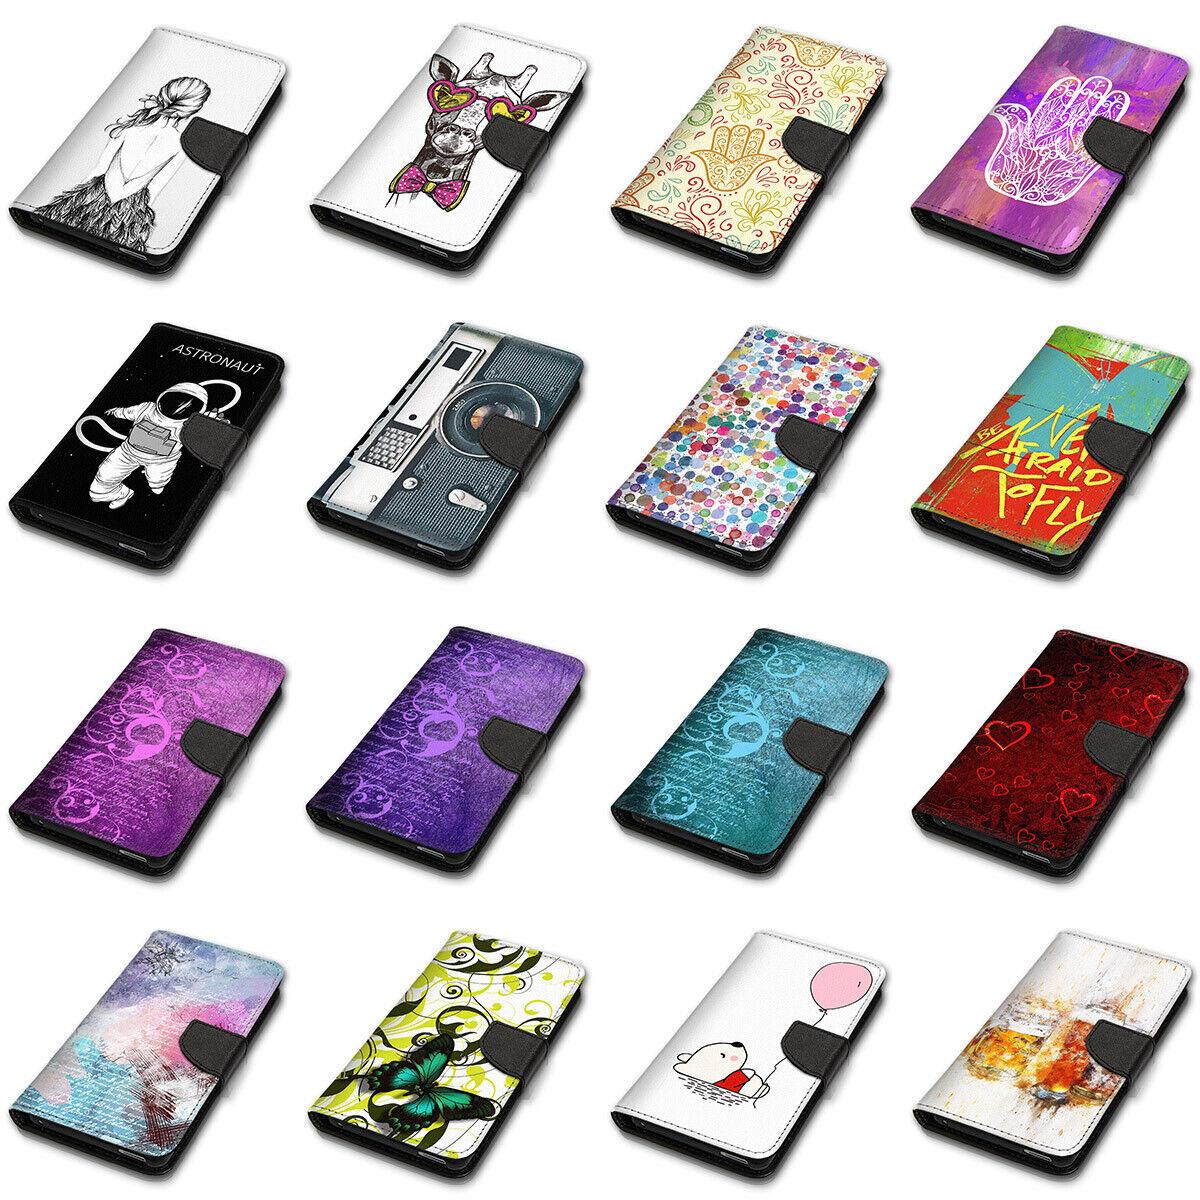 Für Wiko Lenny 3 - Book Wallet Case Hülle Smartphone Flip Tasche 10BB